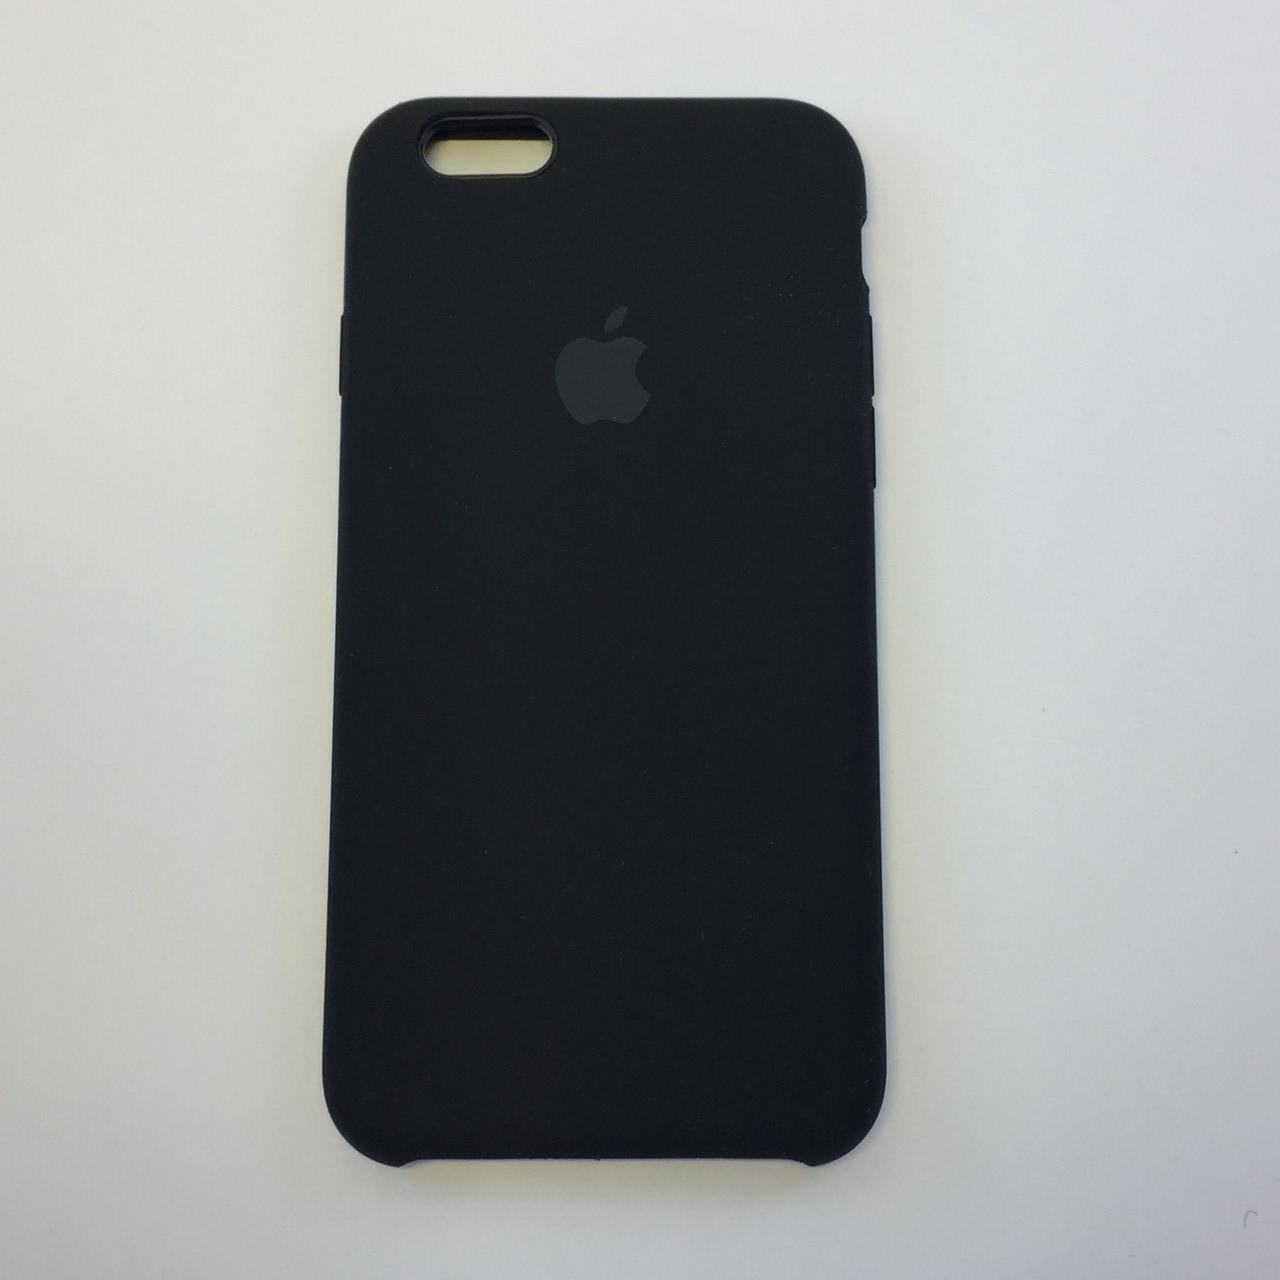 Силиконовый чехол для iPhone 6/6s (чёрный №18)